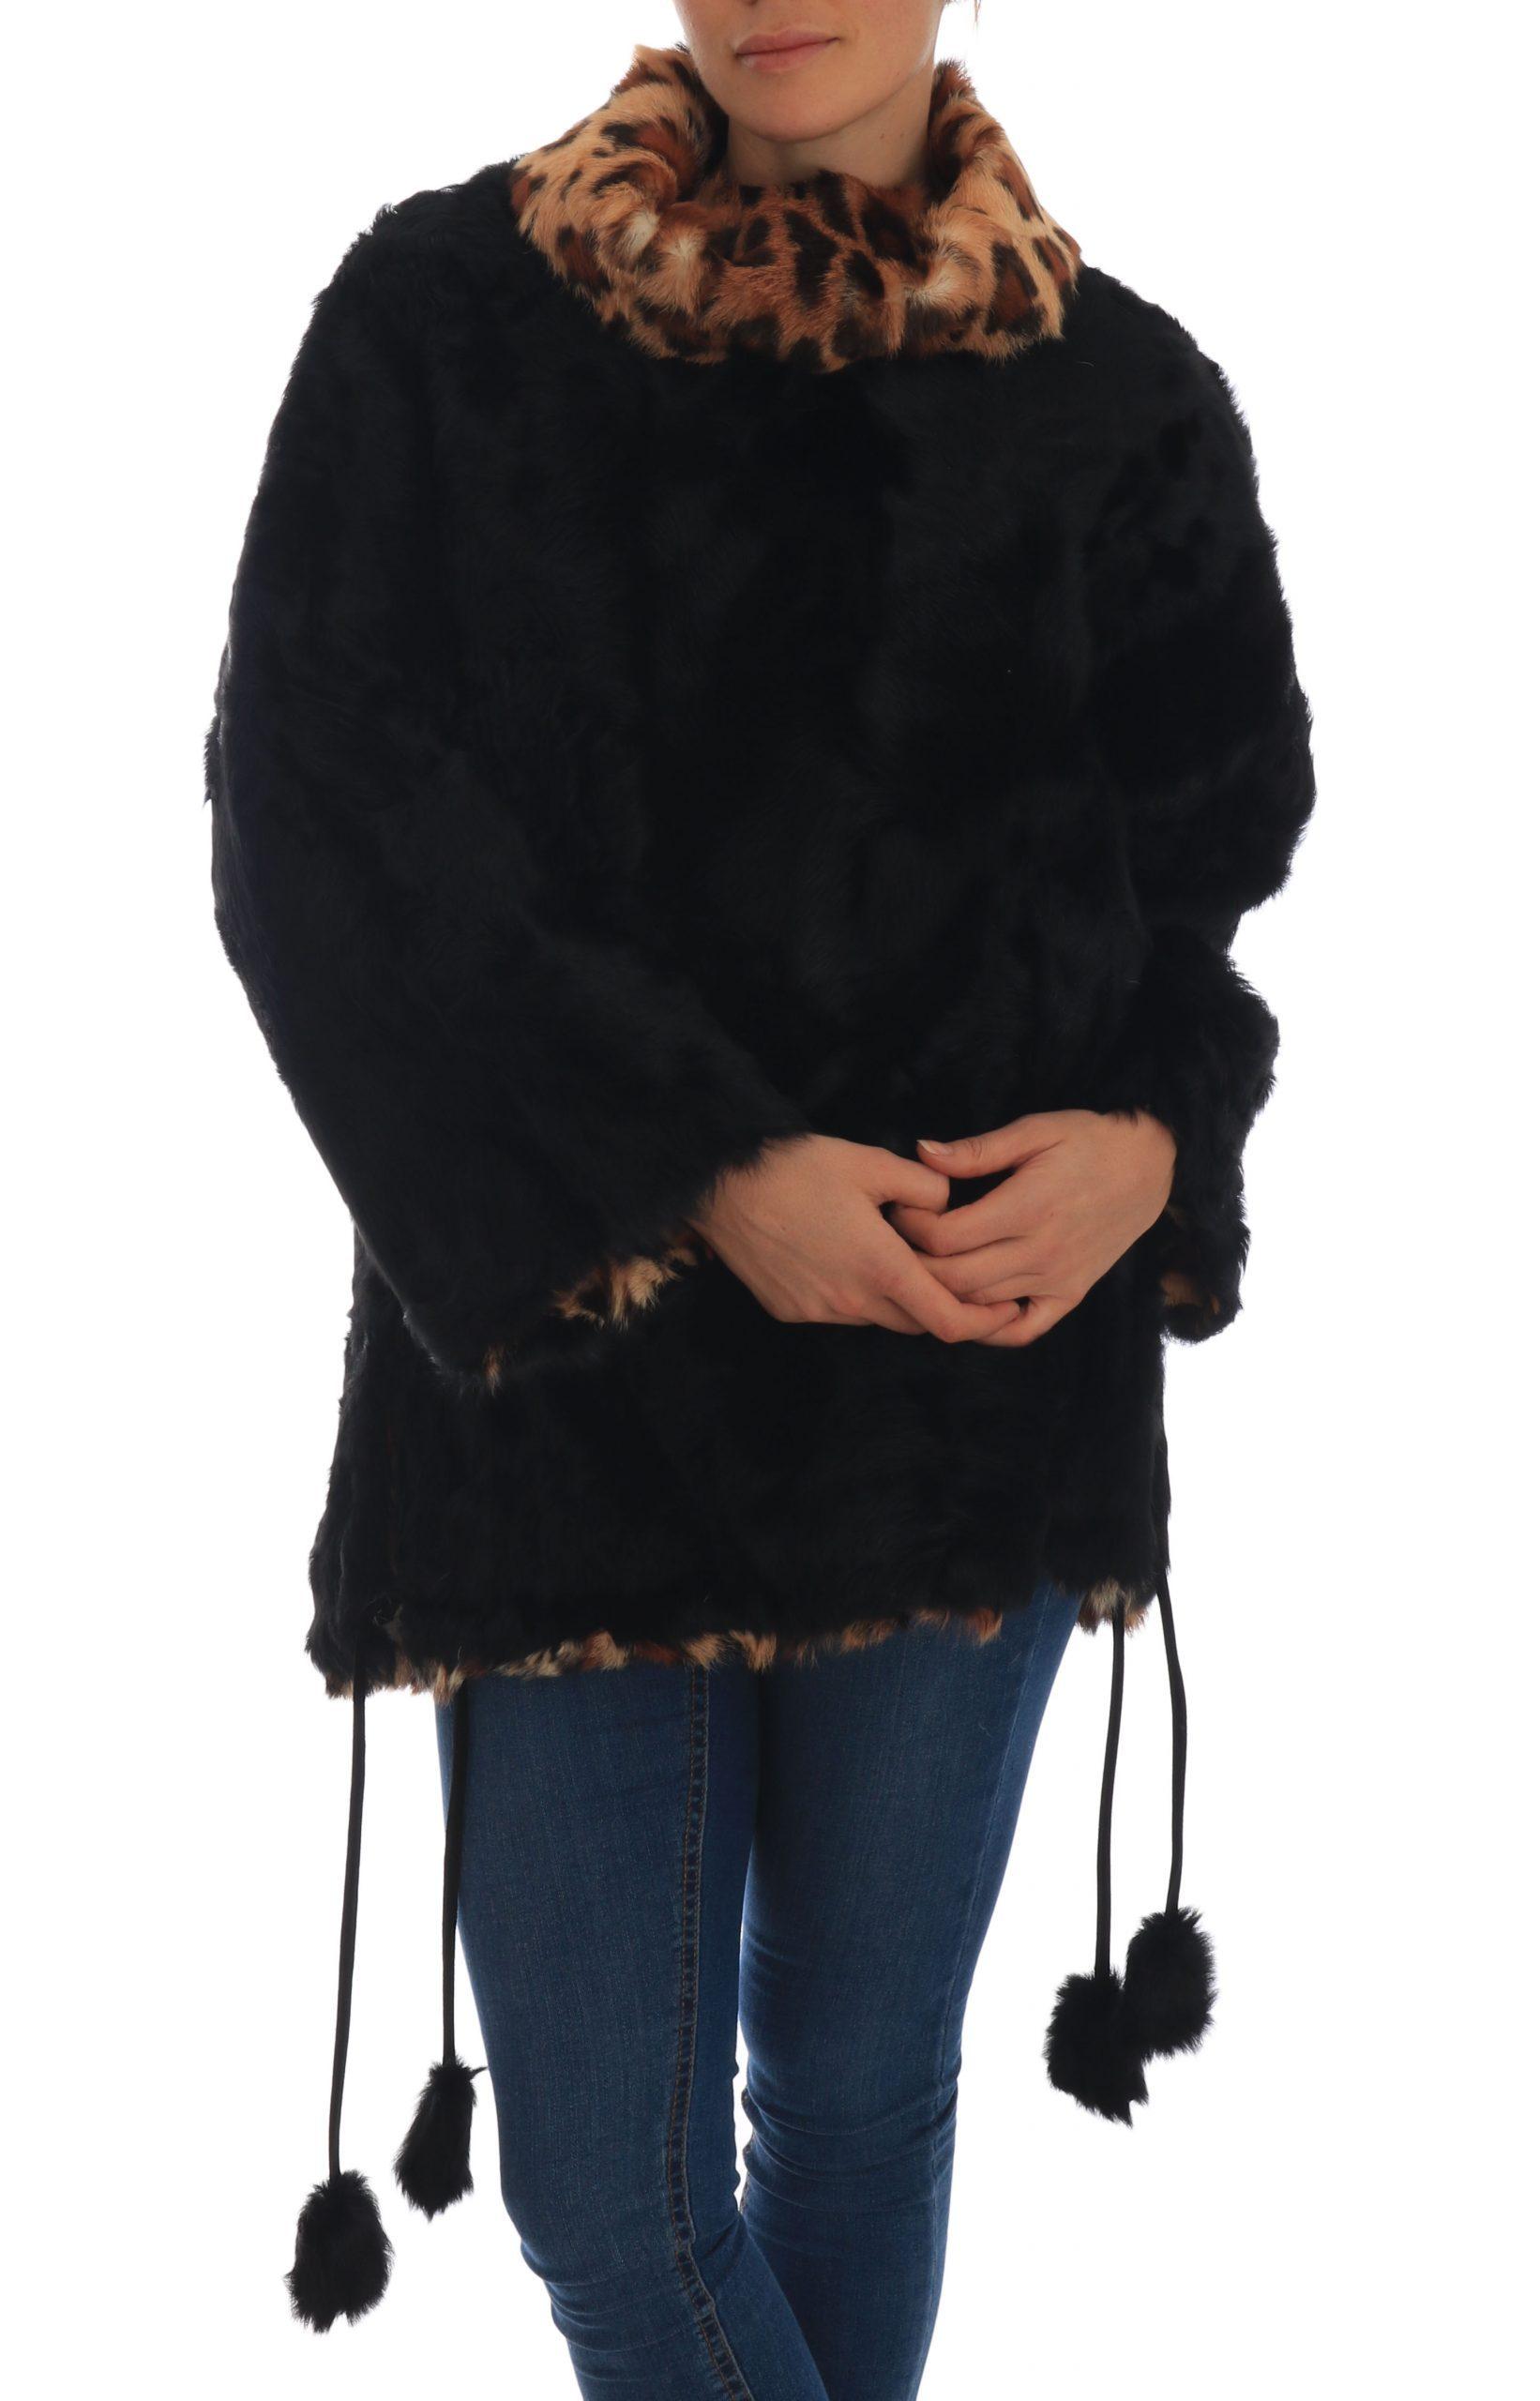 Dolce & Gabbana Women's Lamb Leopard Print Fur Coat Black TSH1933 - IT36 | XS